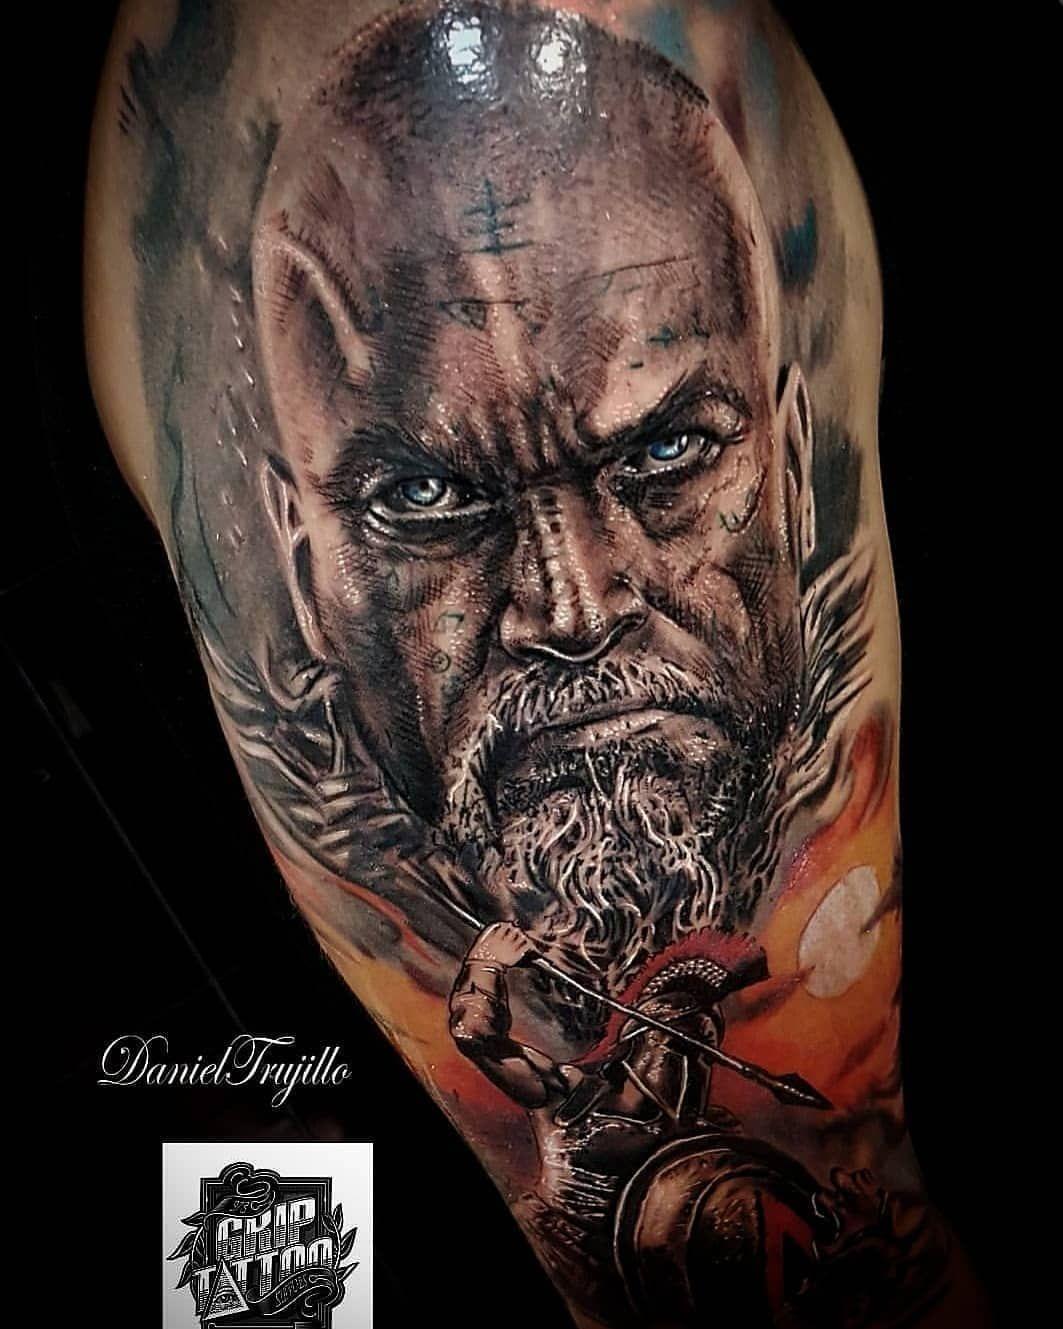 @d7tattoobarcelona Por @danieltrujillomartin Sponsor @griptattoosupplies #tattoo #tatuajecerdanyola #tattoobarcelona #tattoosabadell #tatuaje #tattooink #tatu #tatto #tattoos #retratotattoo #realismotattoo #realistictattoo #tatuajerealista #inkedup #inked #inkeeze #portraittattoo #retratotattoo